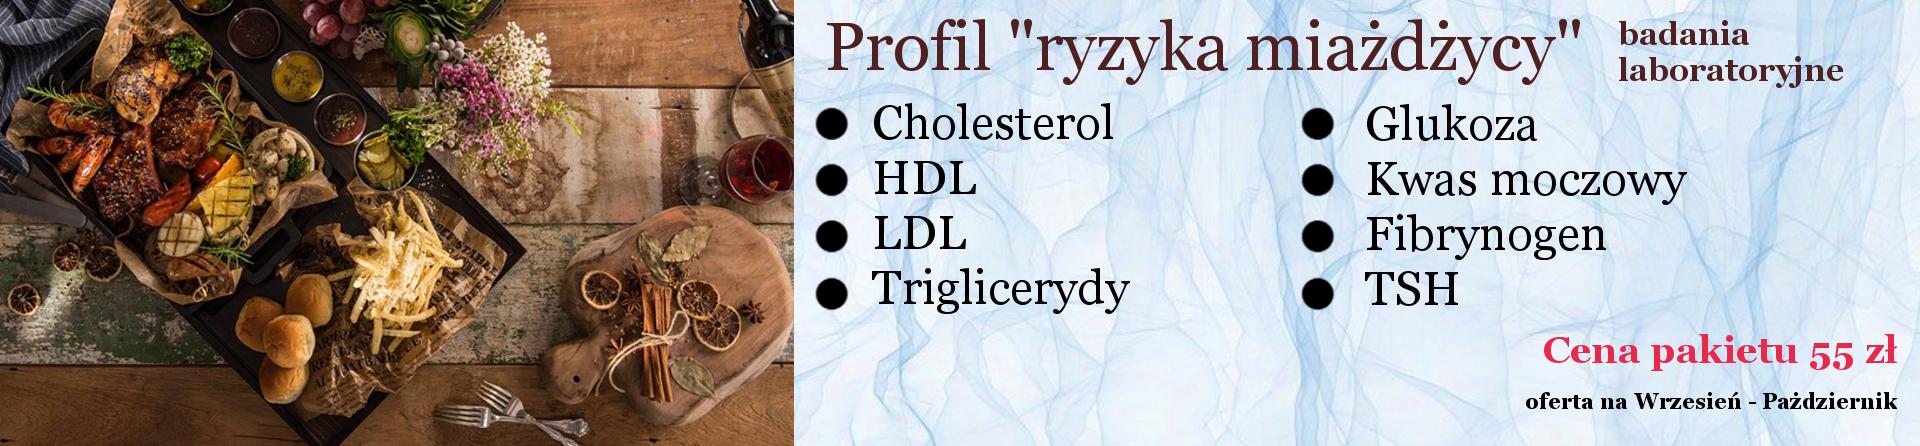 Profil_Ryzyka_Miazdzycy